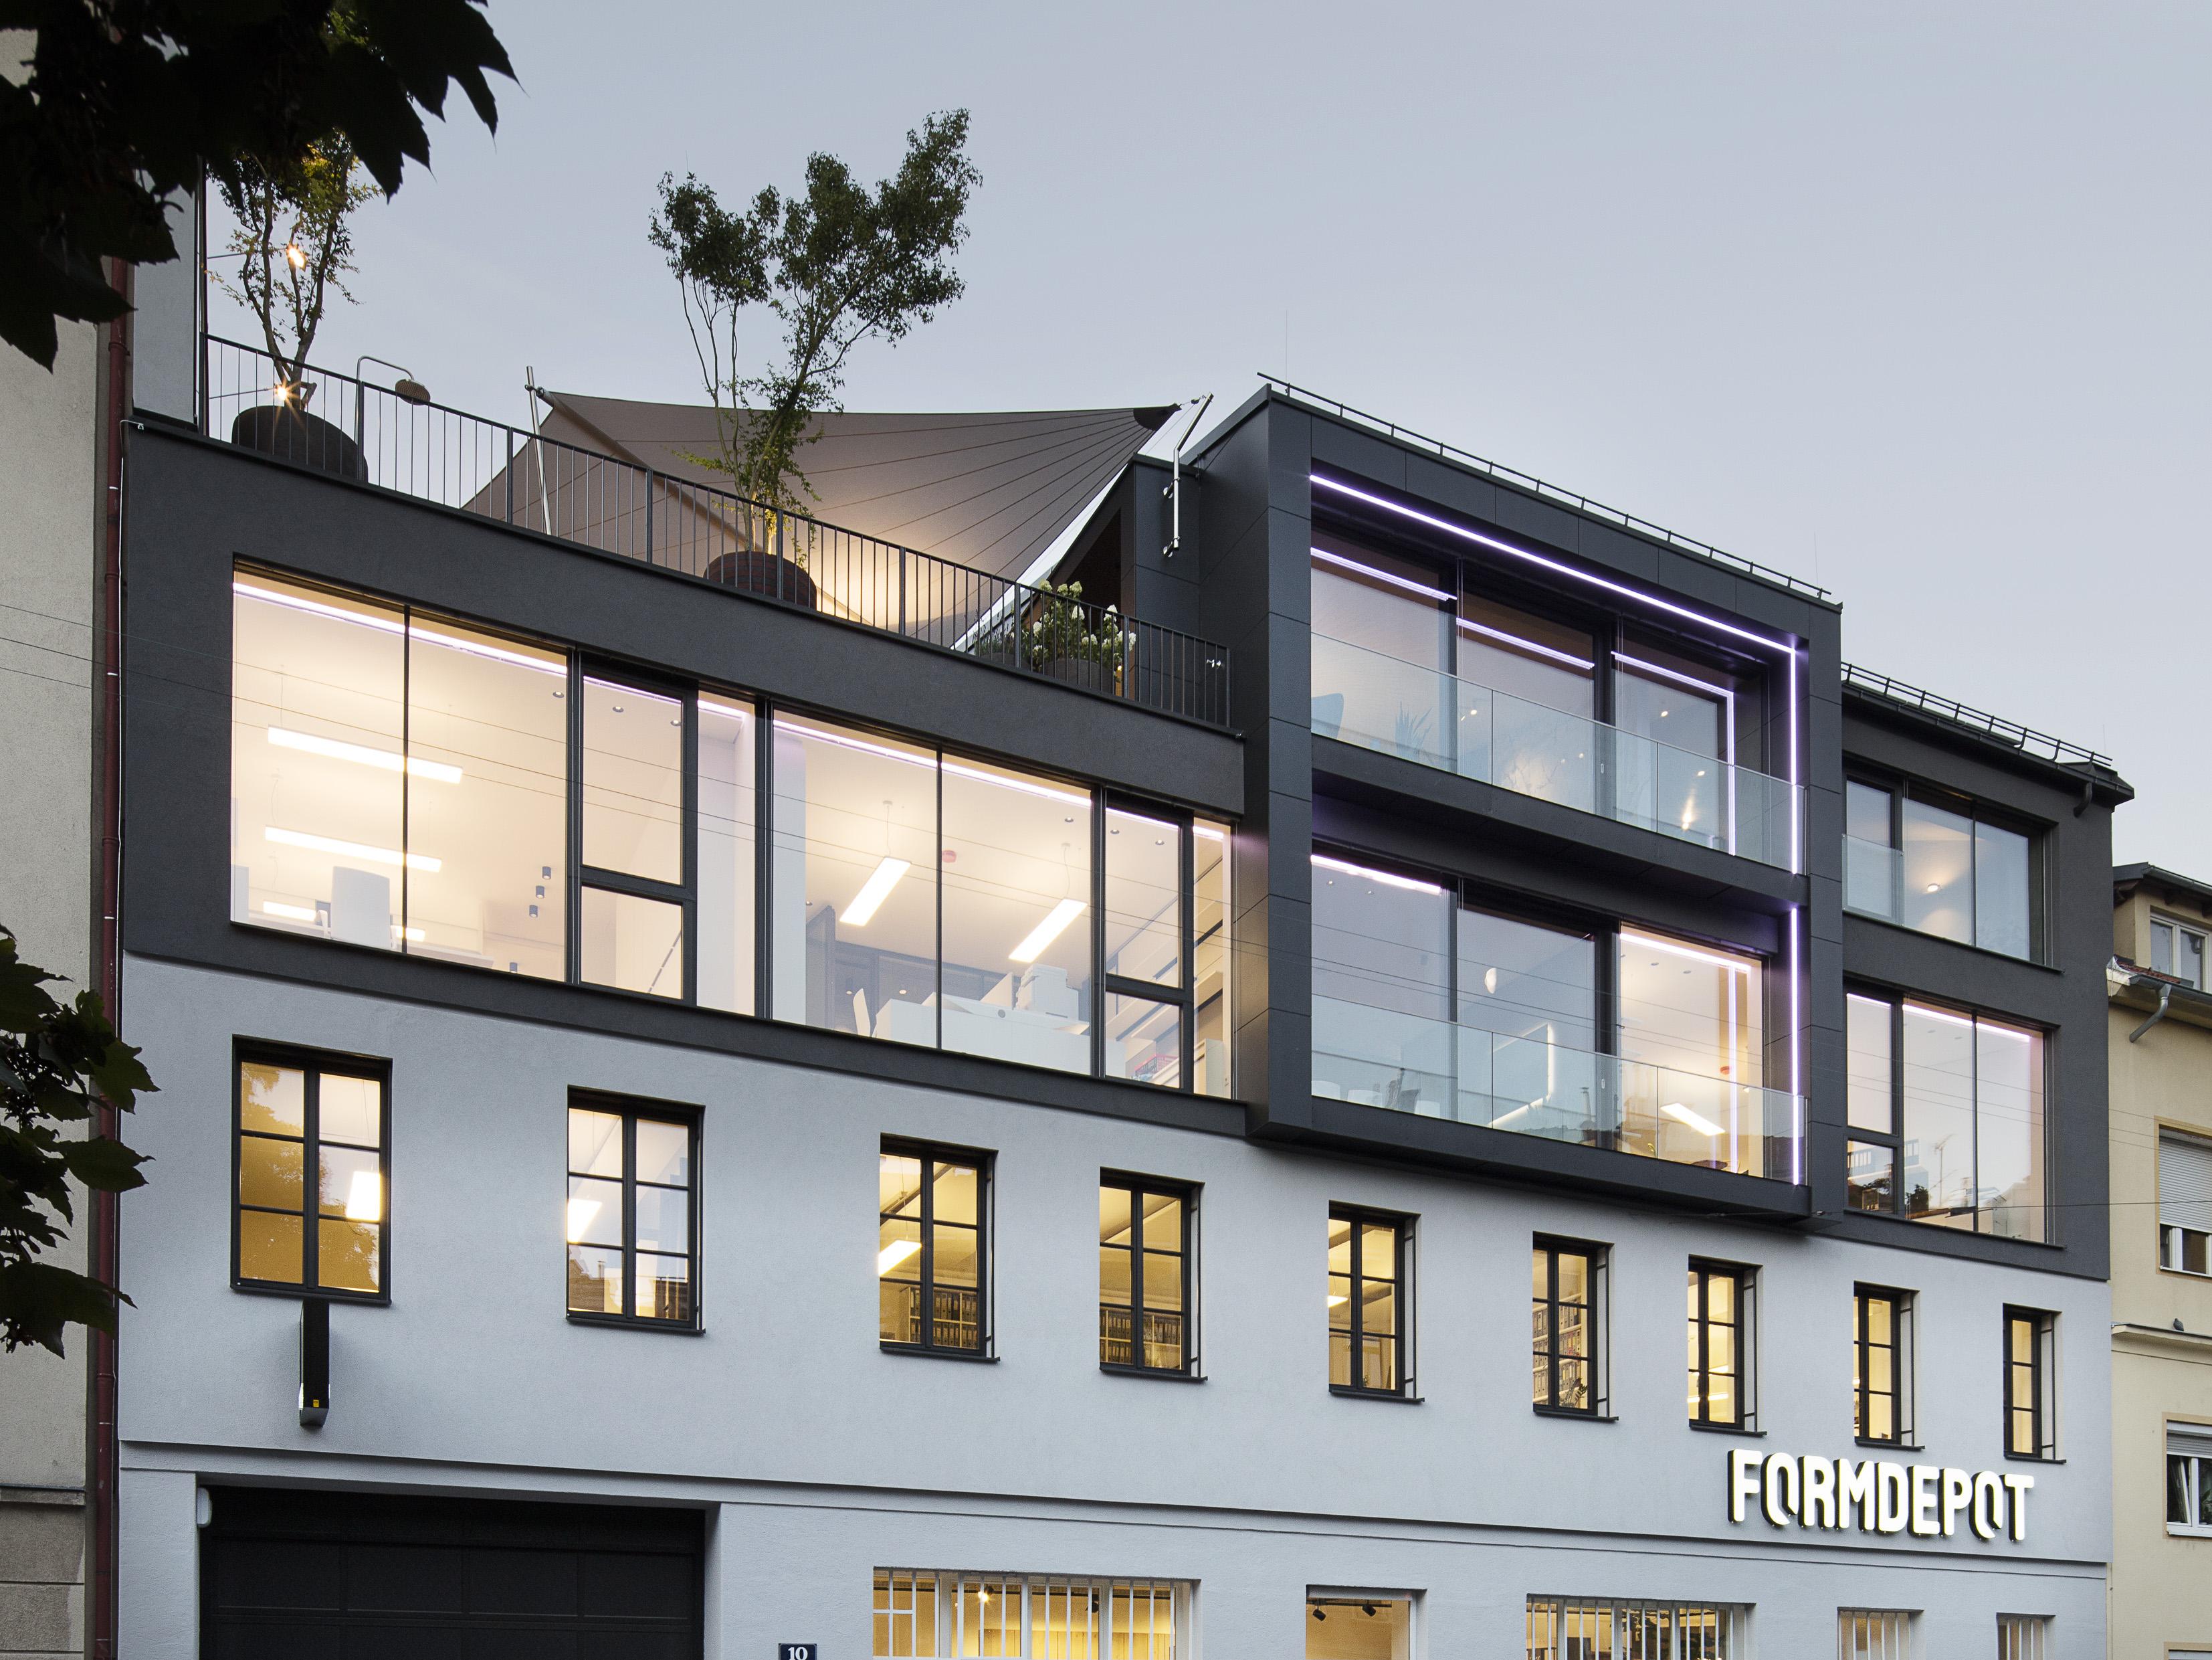 Architektur planung und design formdepot for Architektur und design